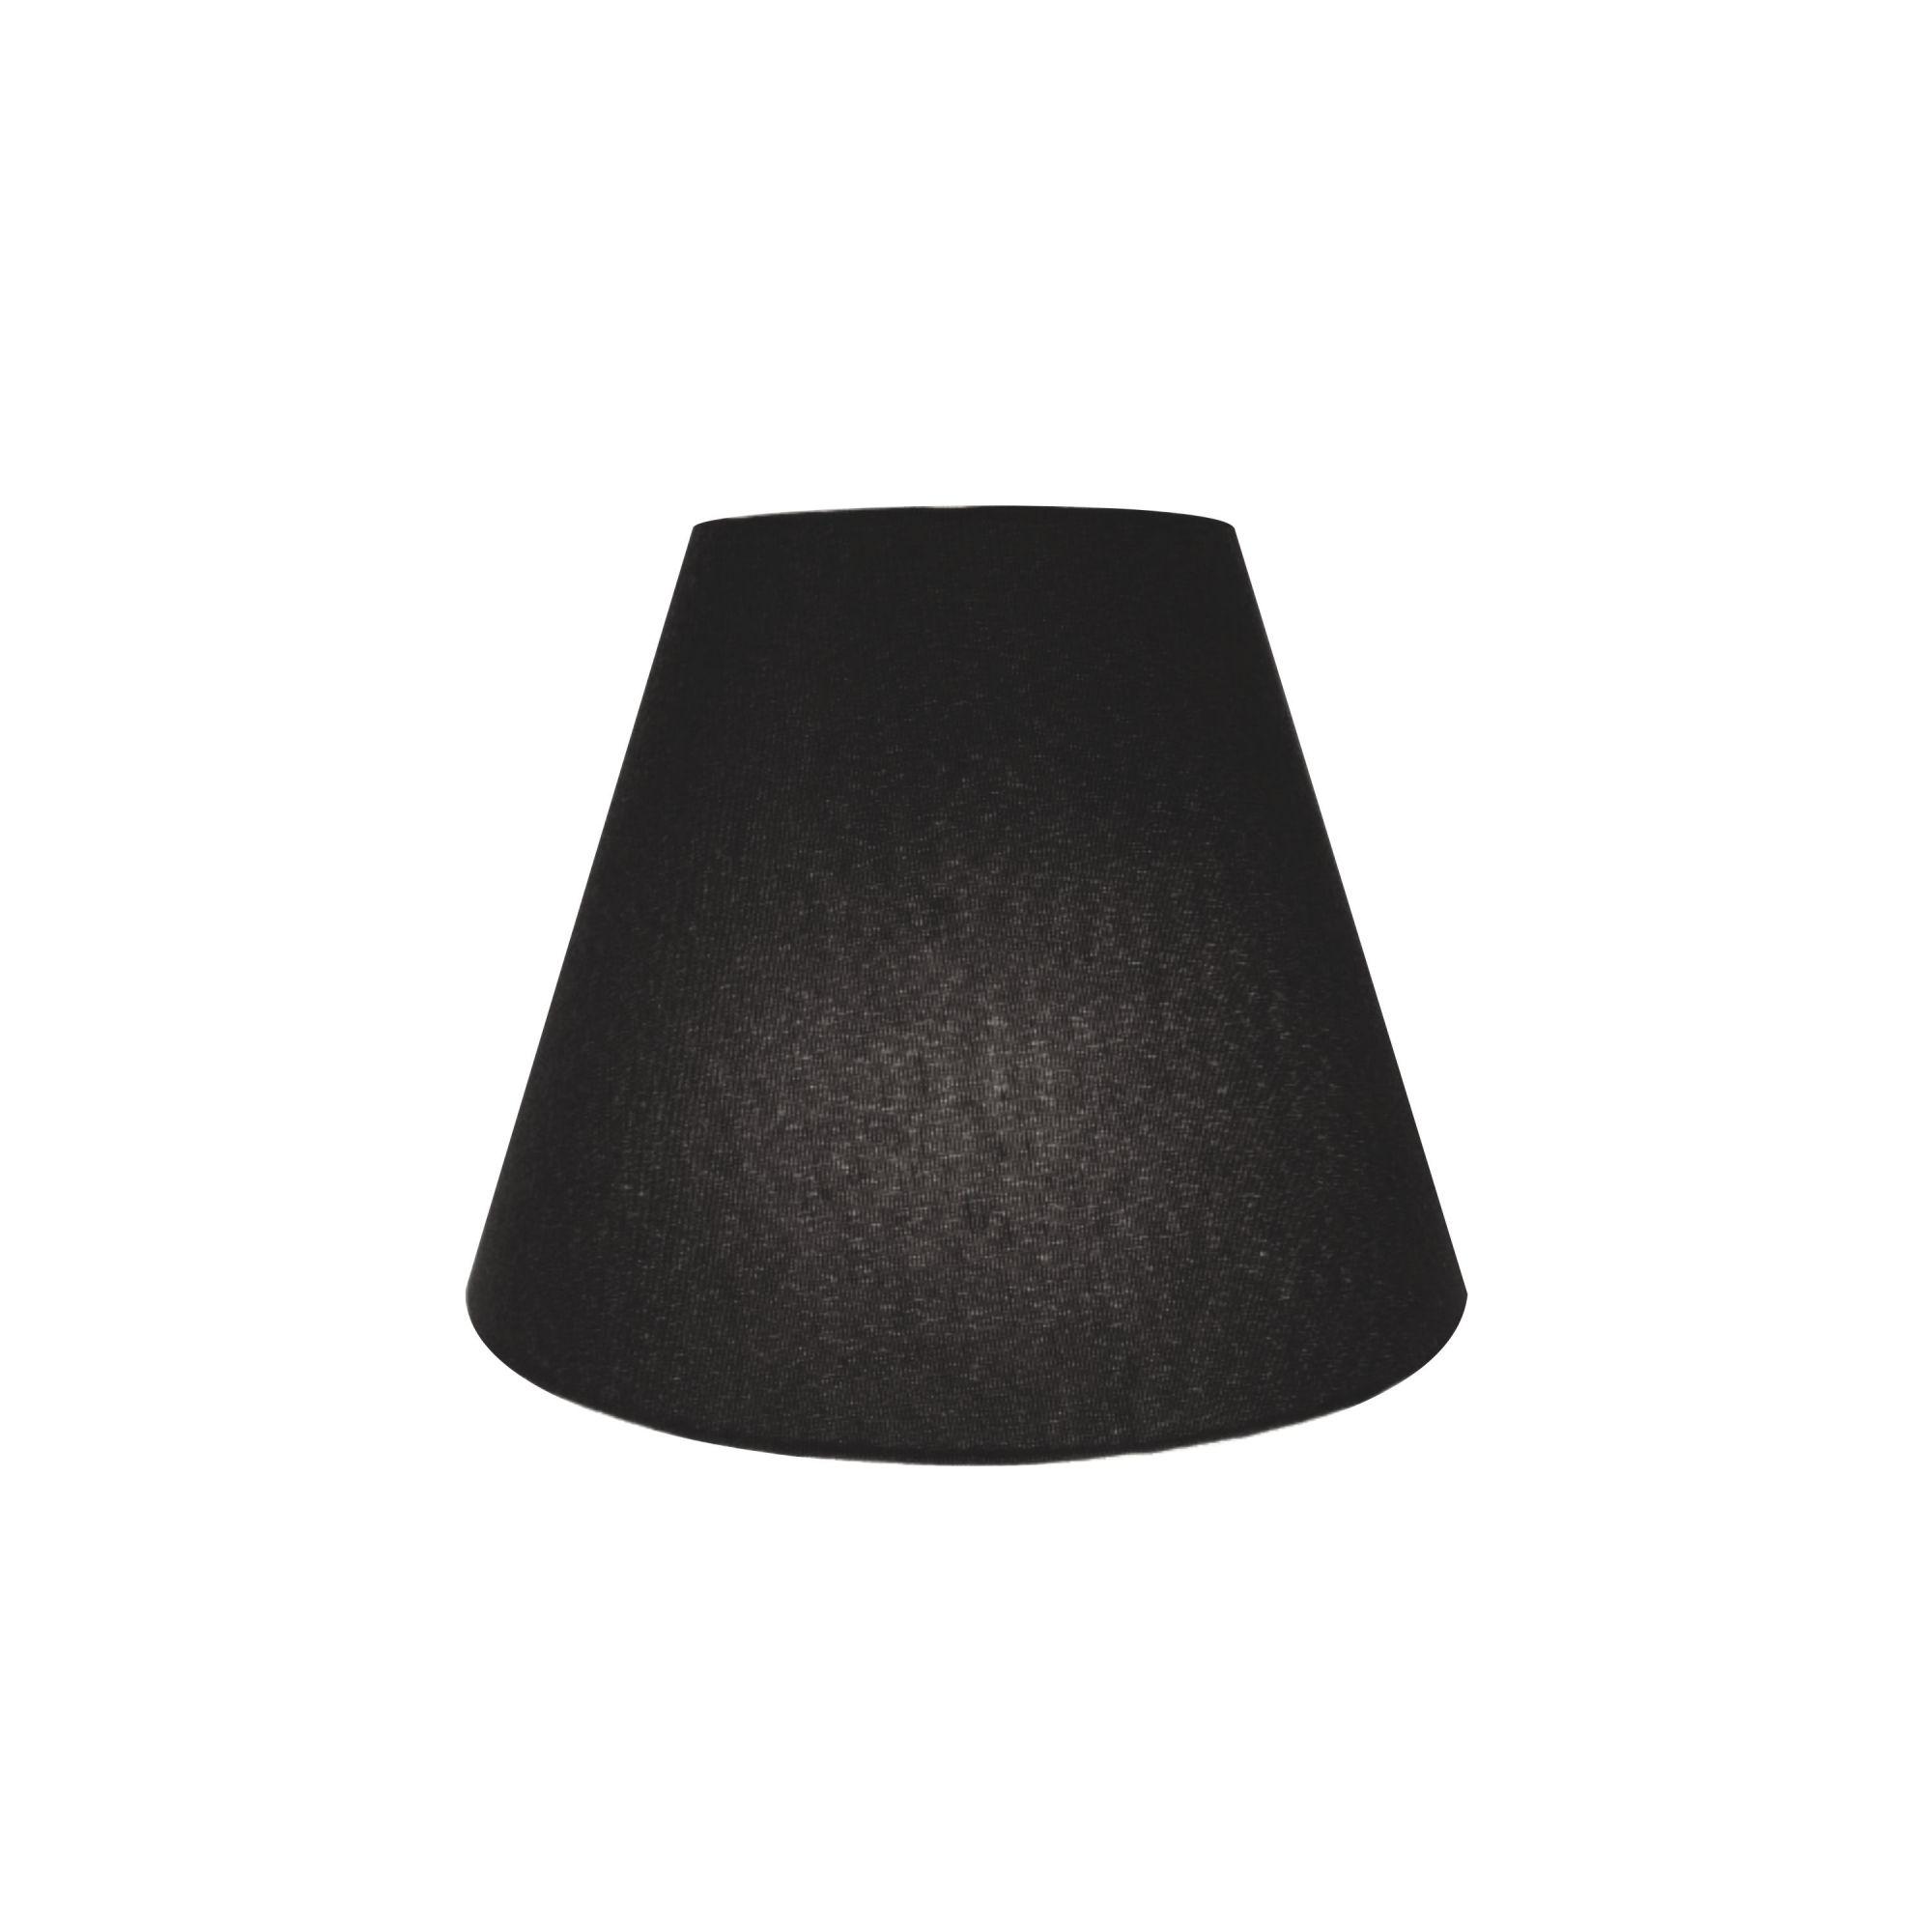 Kit/2 Arandela Retro Cone Md-2001 Cúpula em Tecido 25/26x13cm Preto - Bivolt